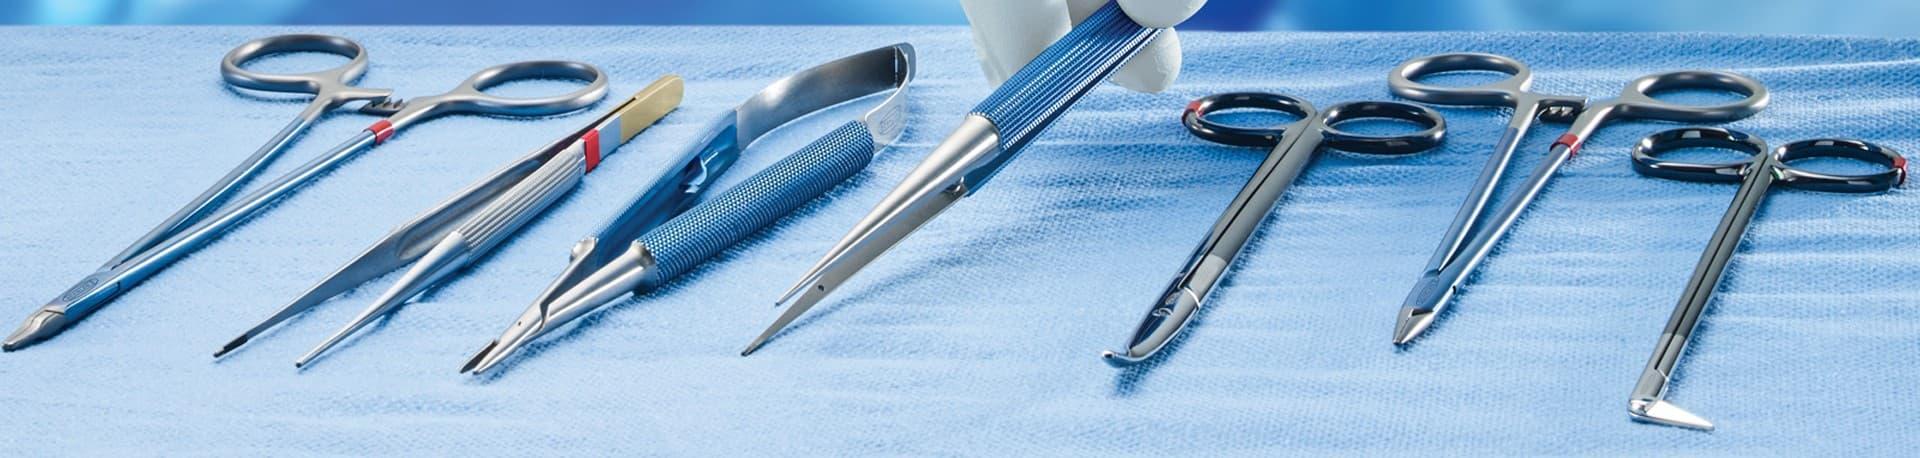 Χειρουργικά εργαλία